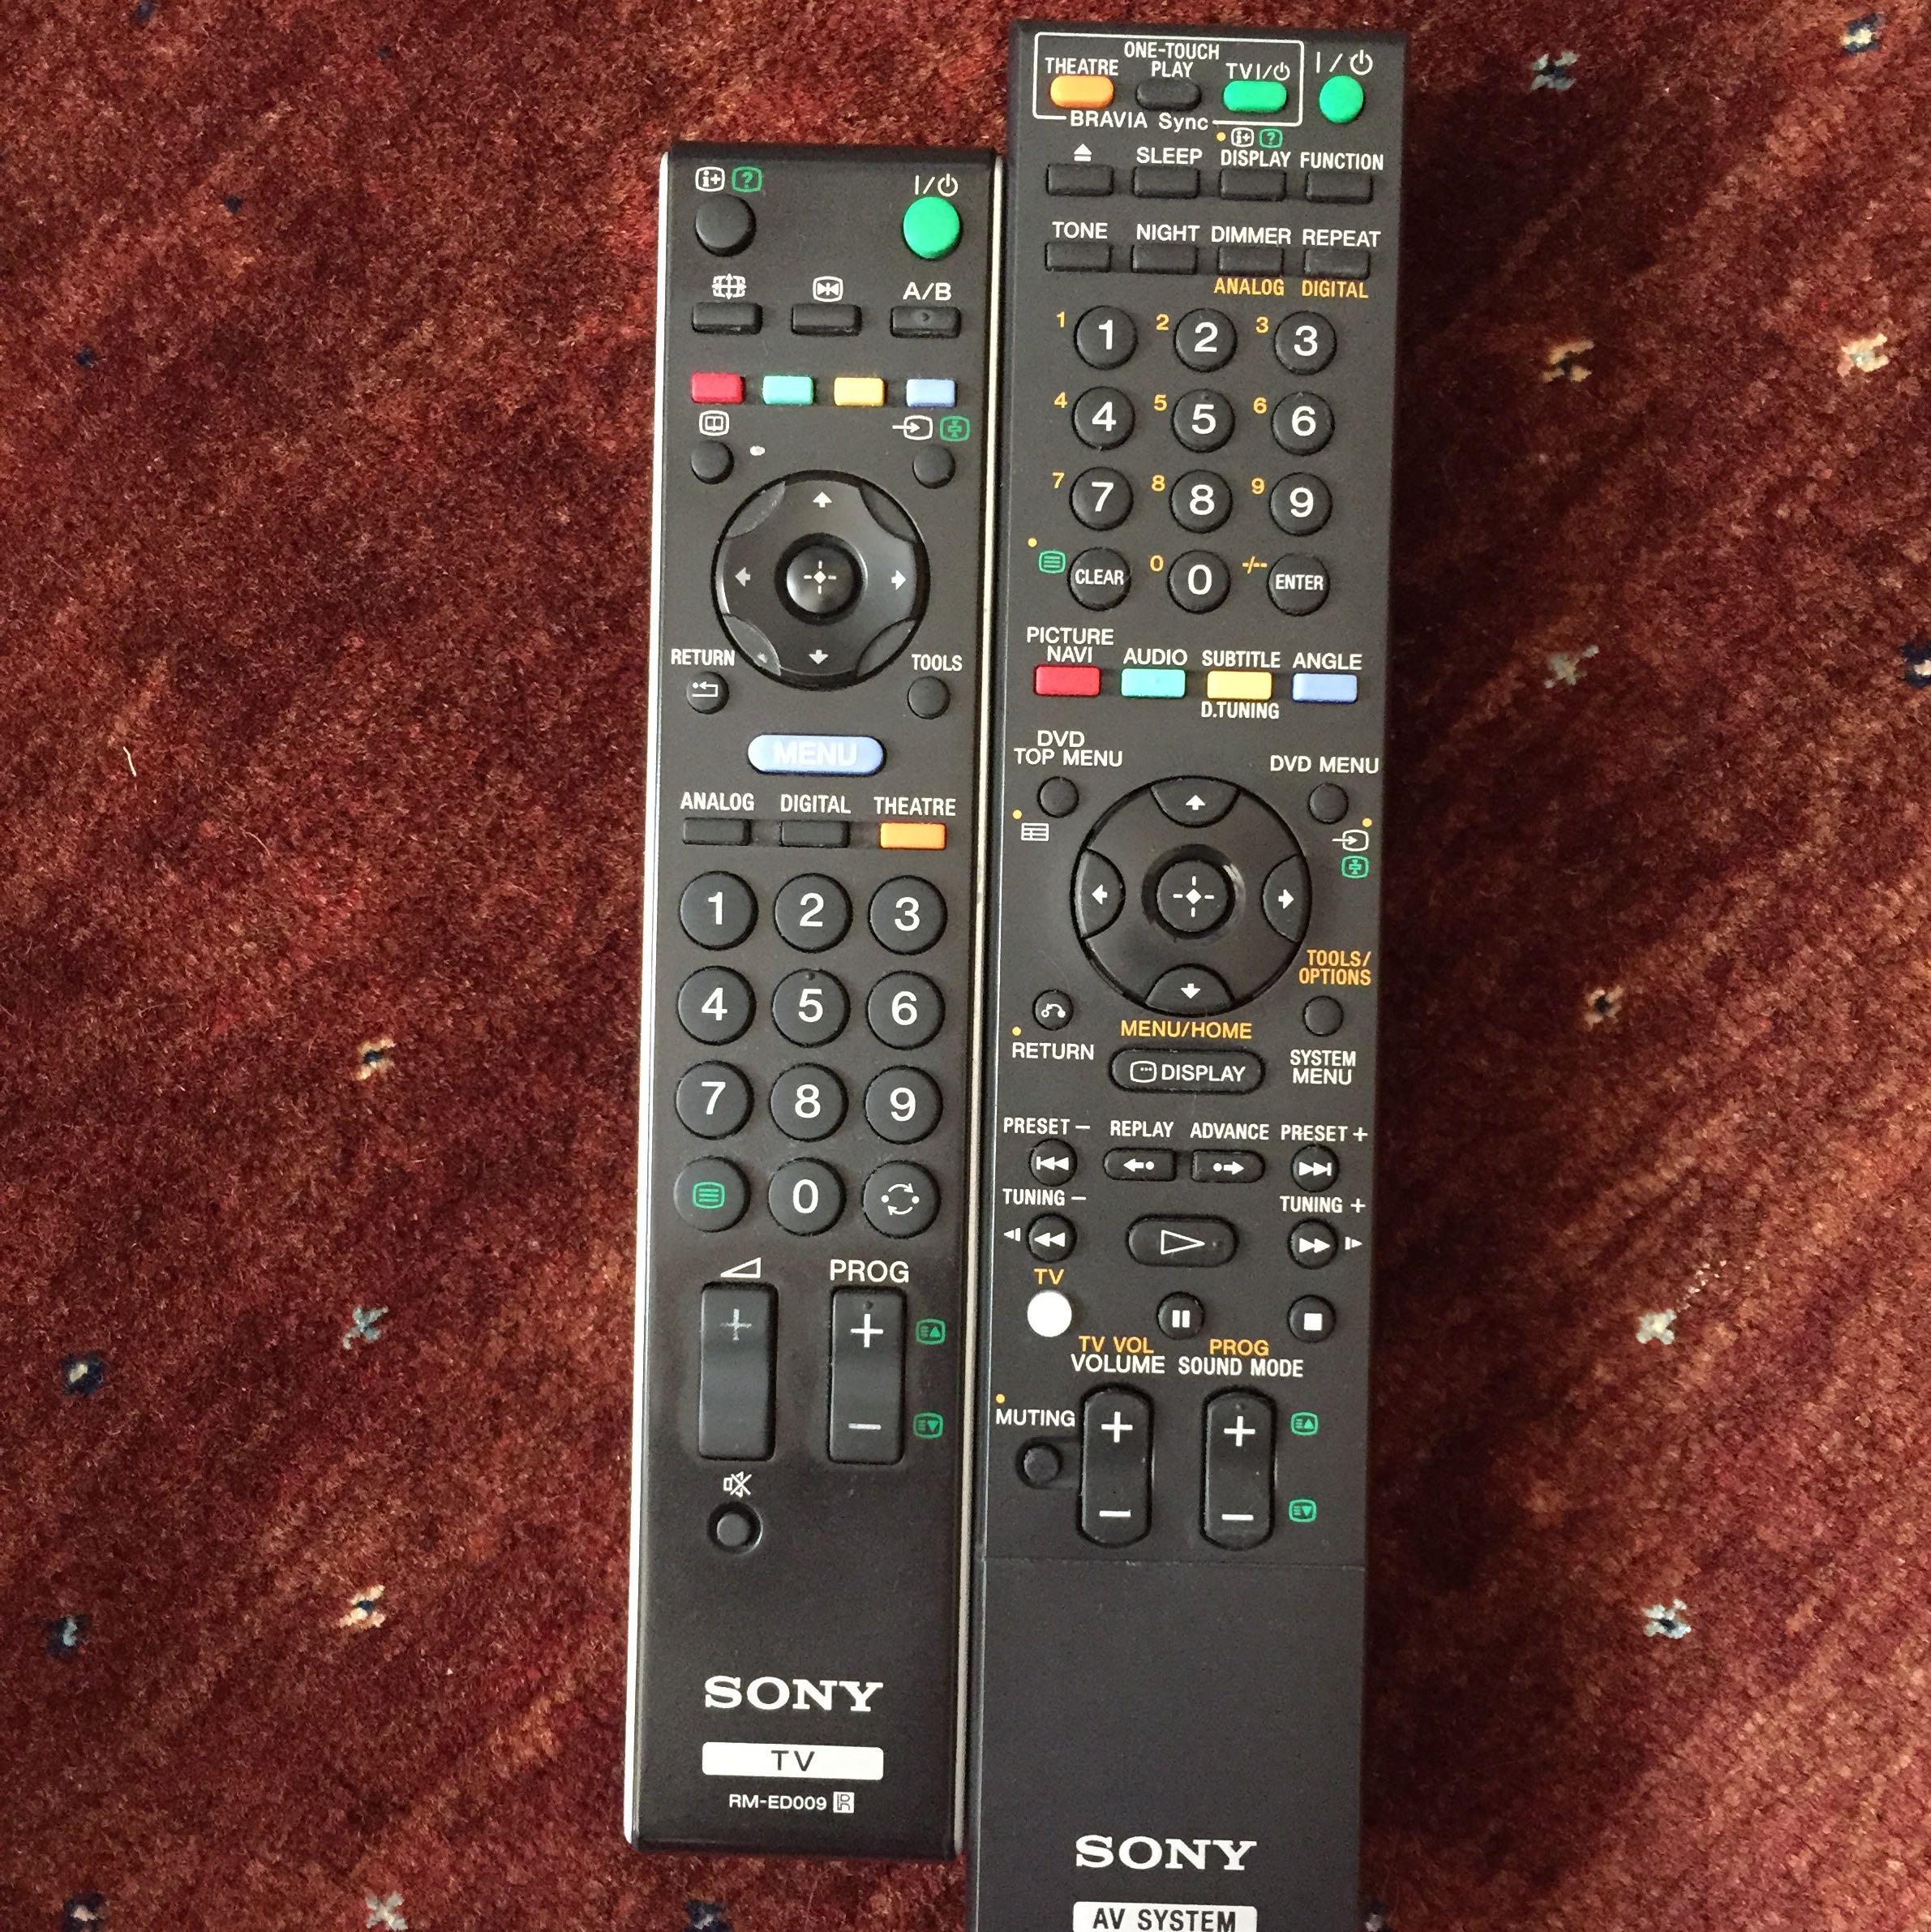 wie schalte ich den fernseher so ein dass ich eine dvd schauen kann. Black Bedroom Furniture Sets. Home Design Ideas